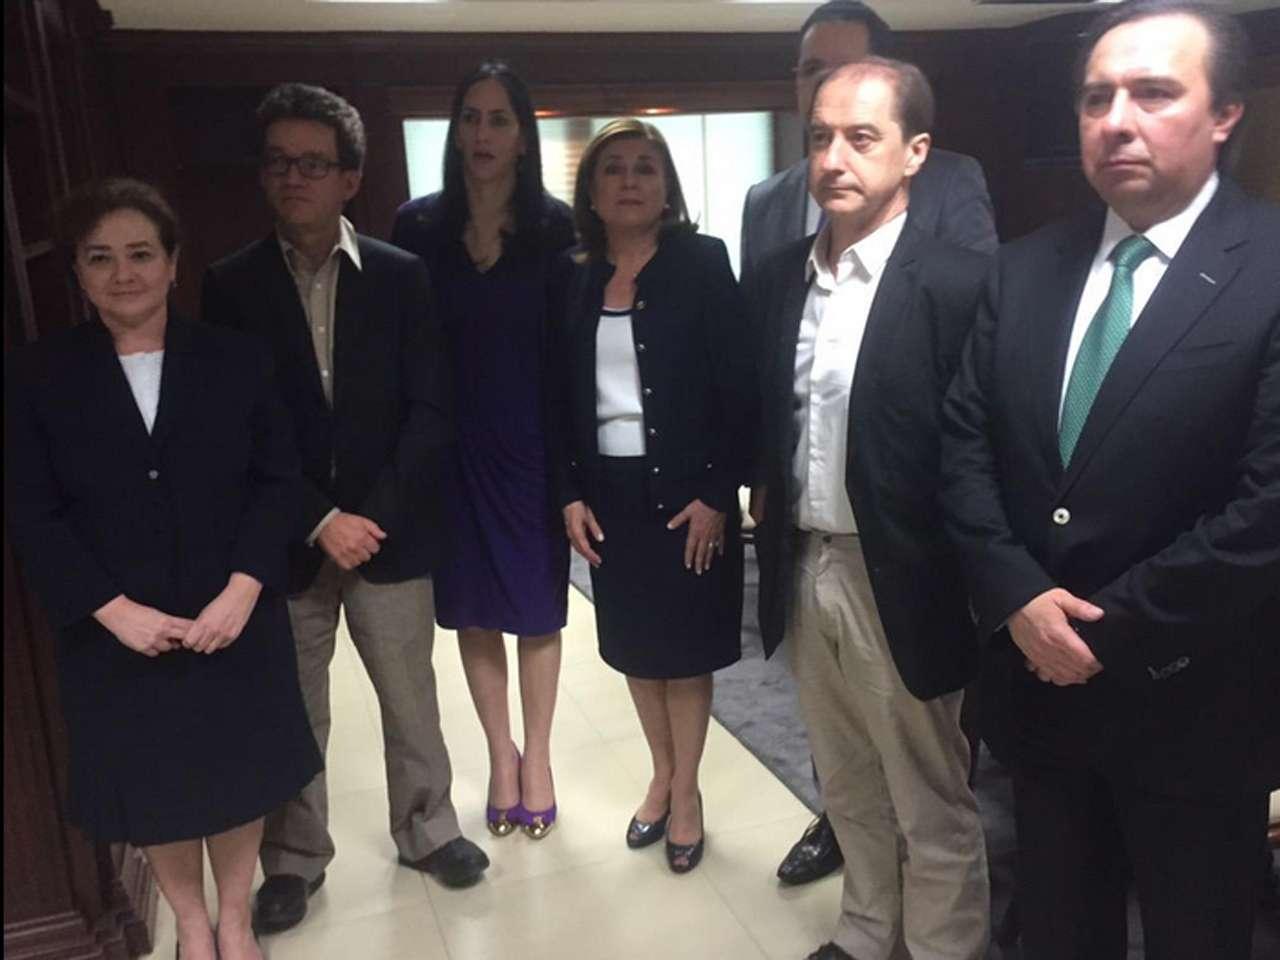 La fiscal mexicana Arely Gómez recibió hoy al grupo de expertos de la Comisión Interamericana de Derechos Humanos (CIDH) que están en el país para investigar el caso de los 43 estudiantes desaparecidos en septiembre pasado en Iguala, dijo a Efe una fuente oficial. Foto: @ArelyGomezGlz